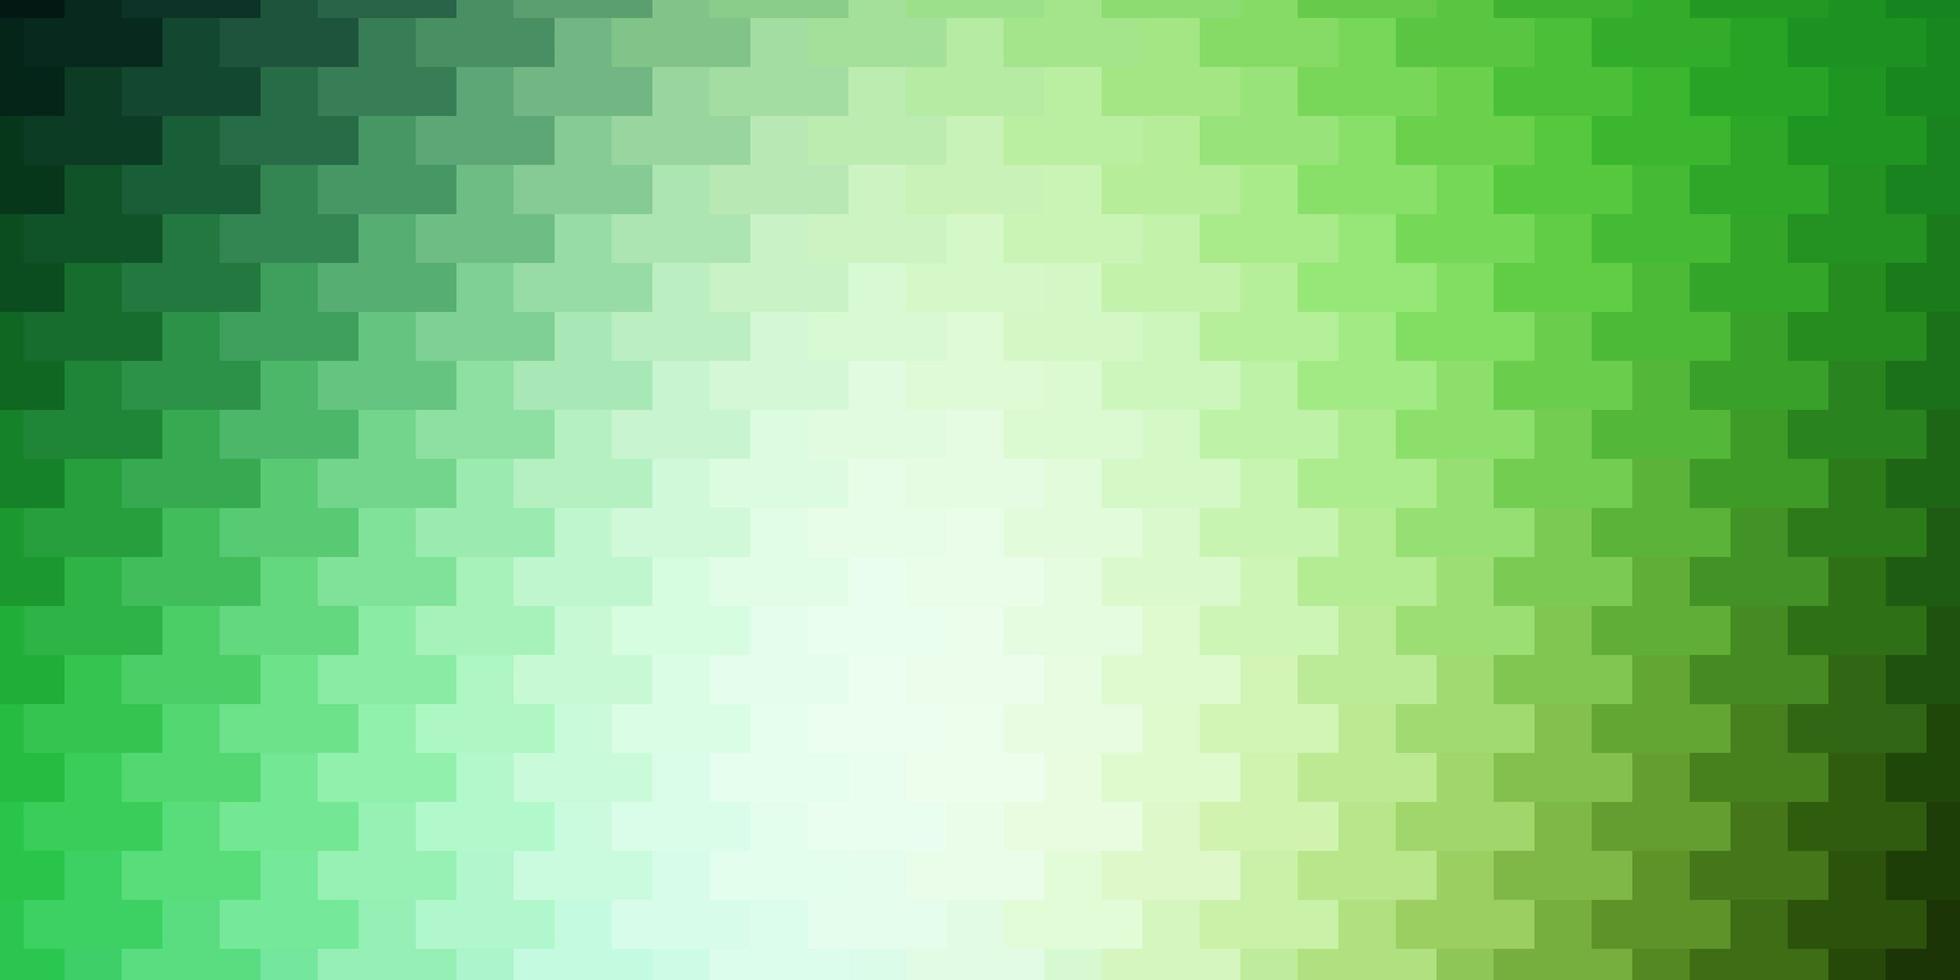 disposition de vecteur vert clair avec des lignes, des rectangles.